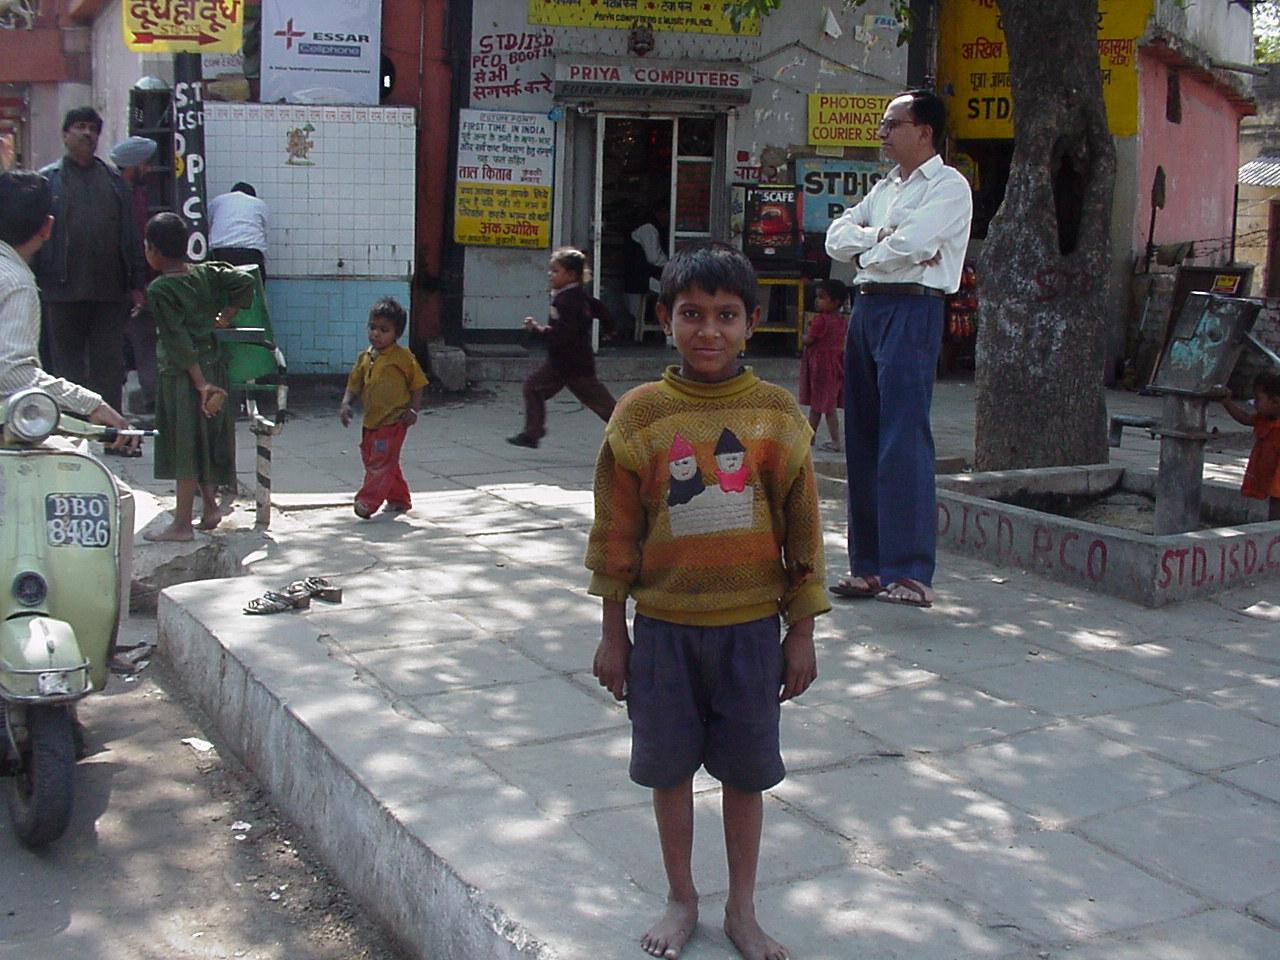 child begger posing for photo